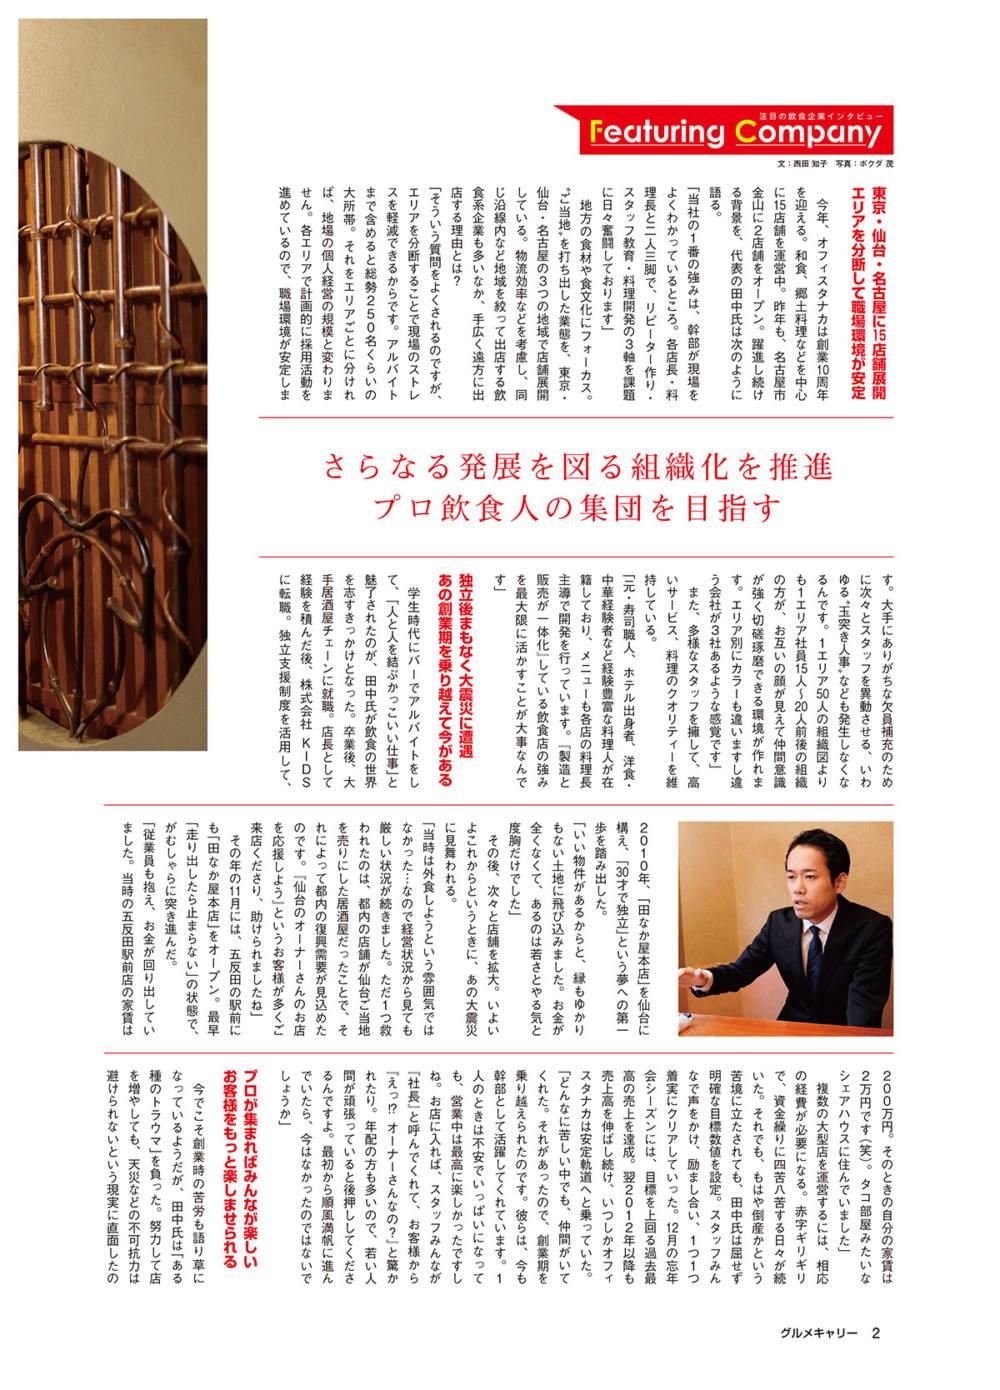 グルメキャリー田中修平インタビュー